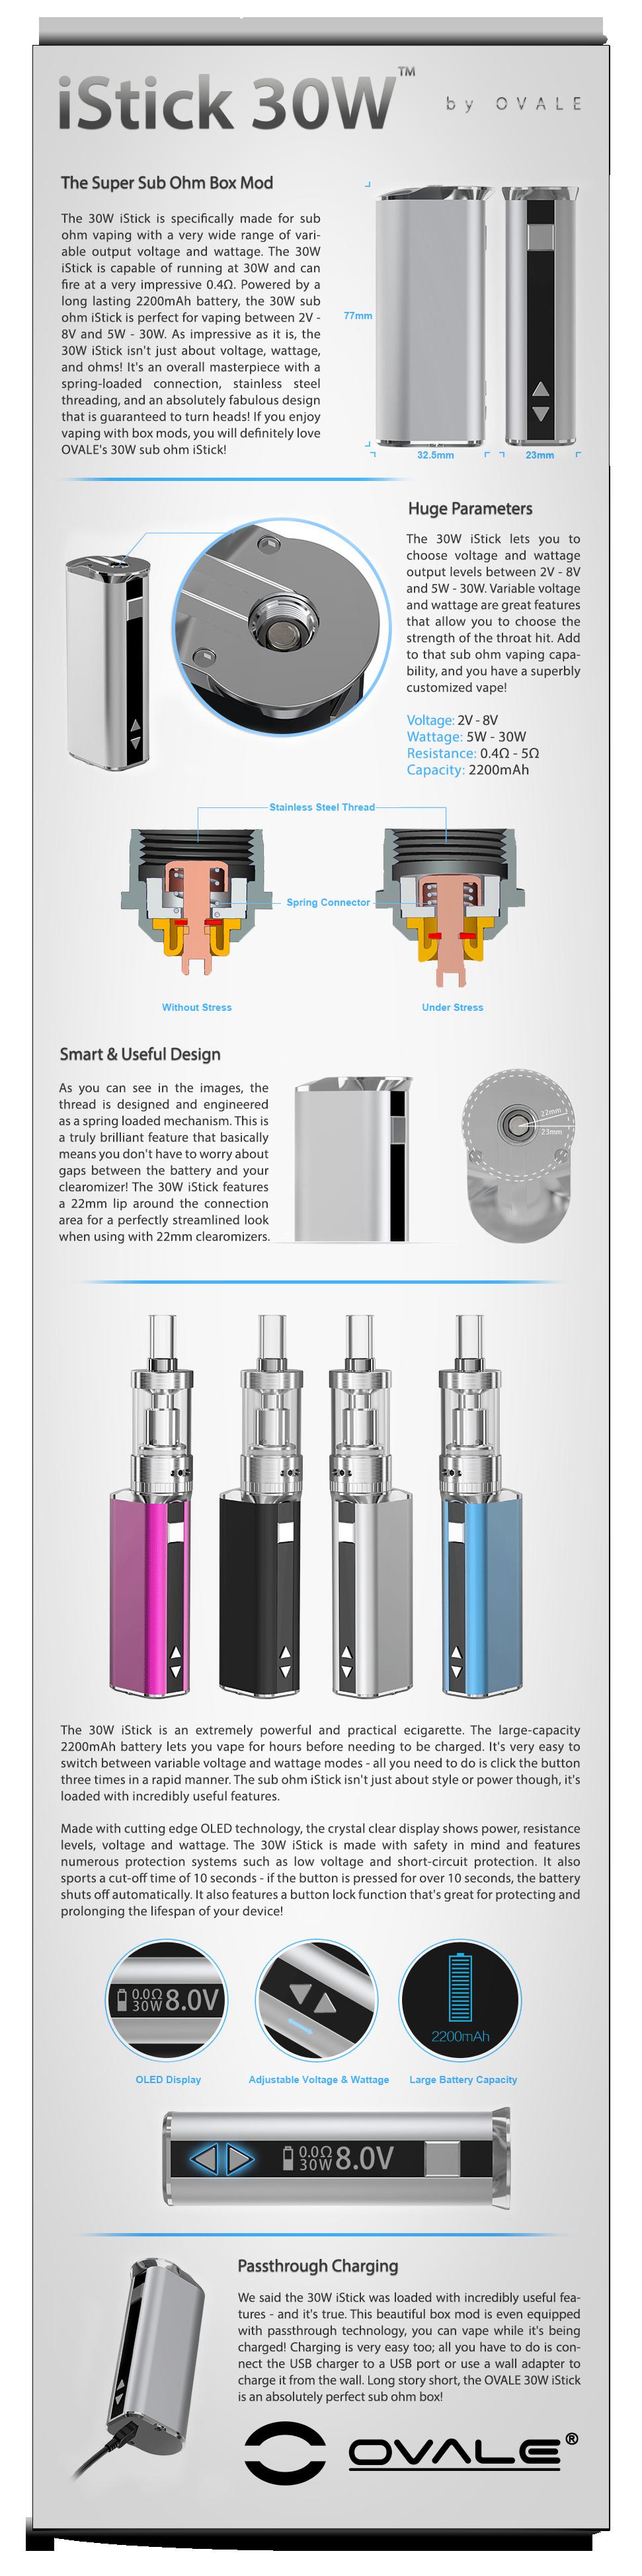 ηλεκτρονικό τσιγάρο, sub ohm, istick, κόψιμο καπνίσματος, ovale, eleaf, 30w